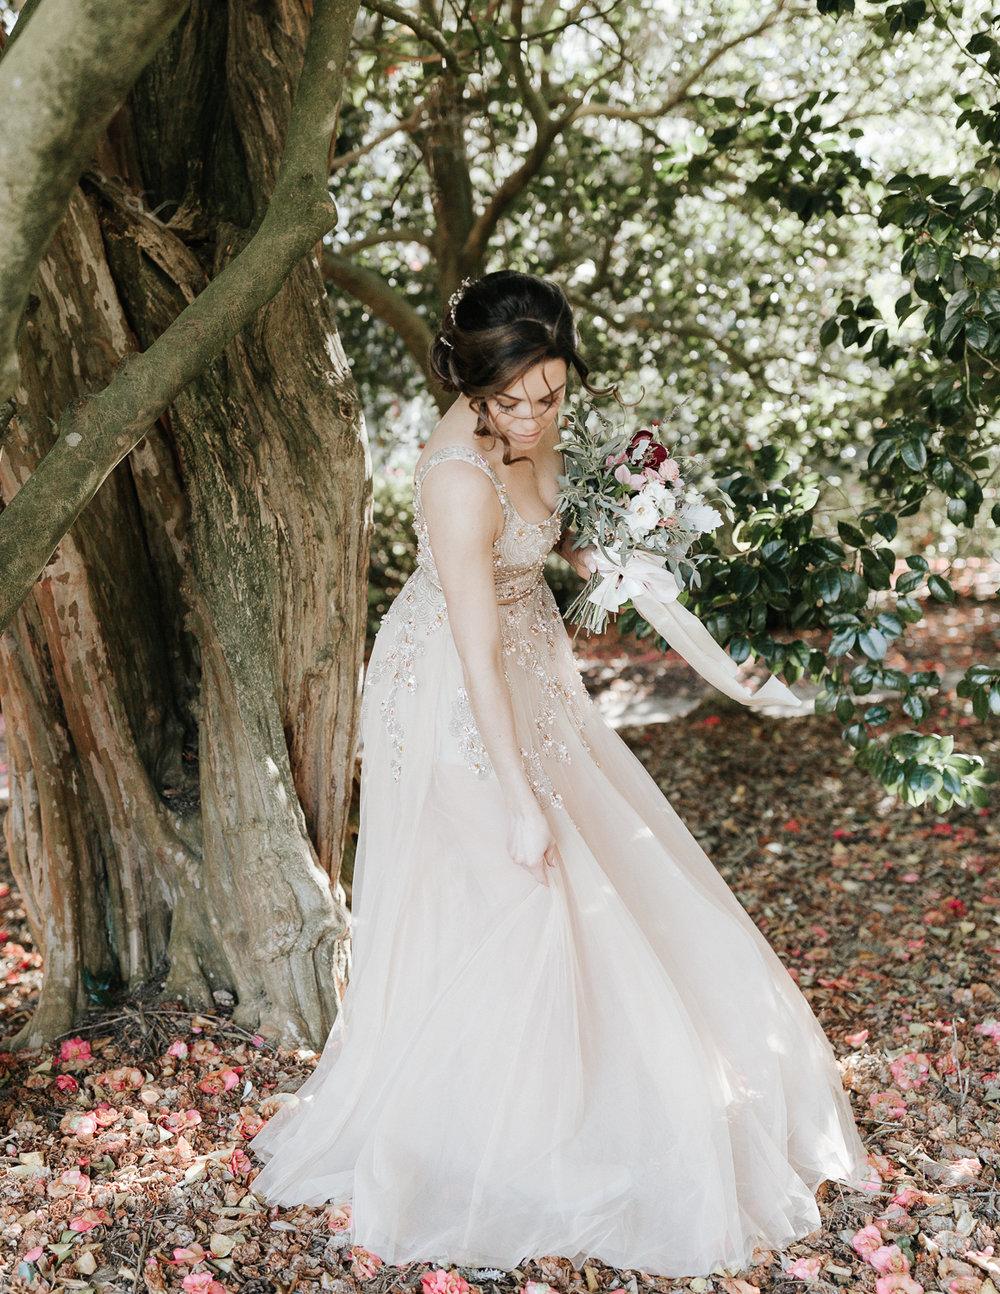 middleton_place_wedding-1-27.jpg